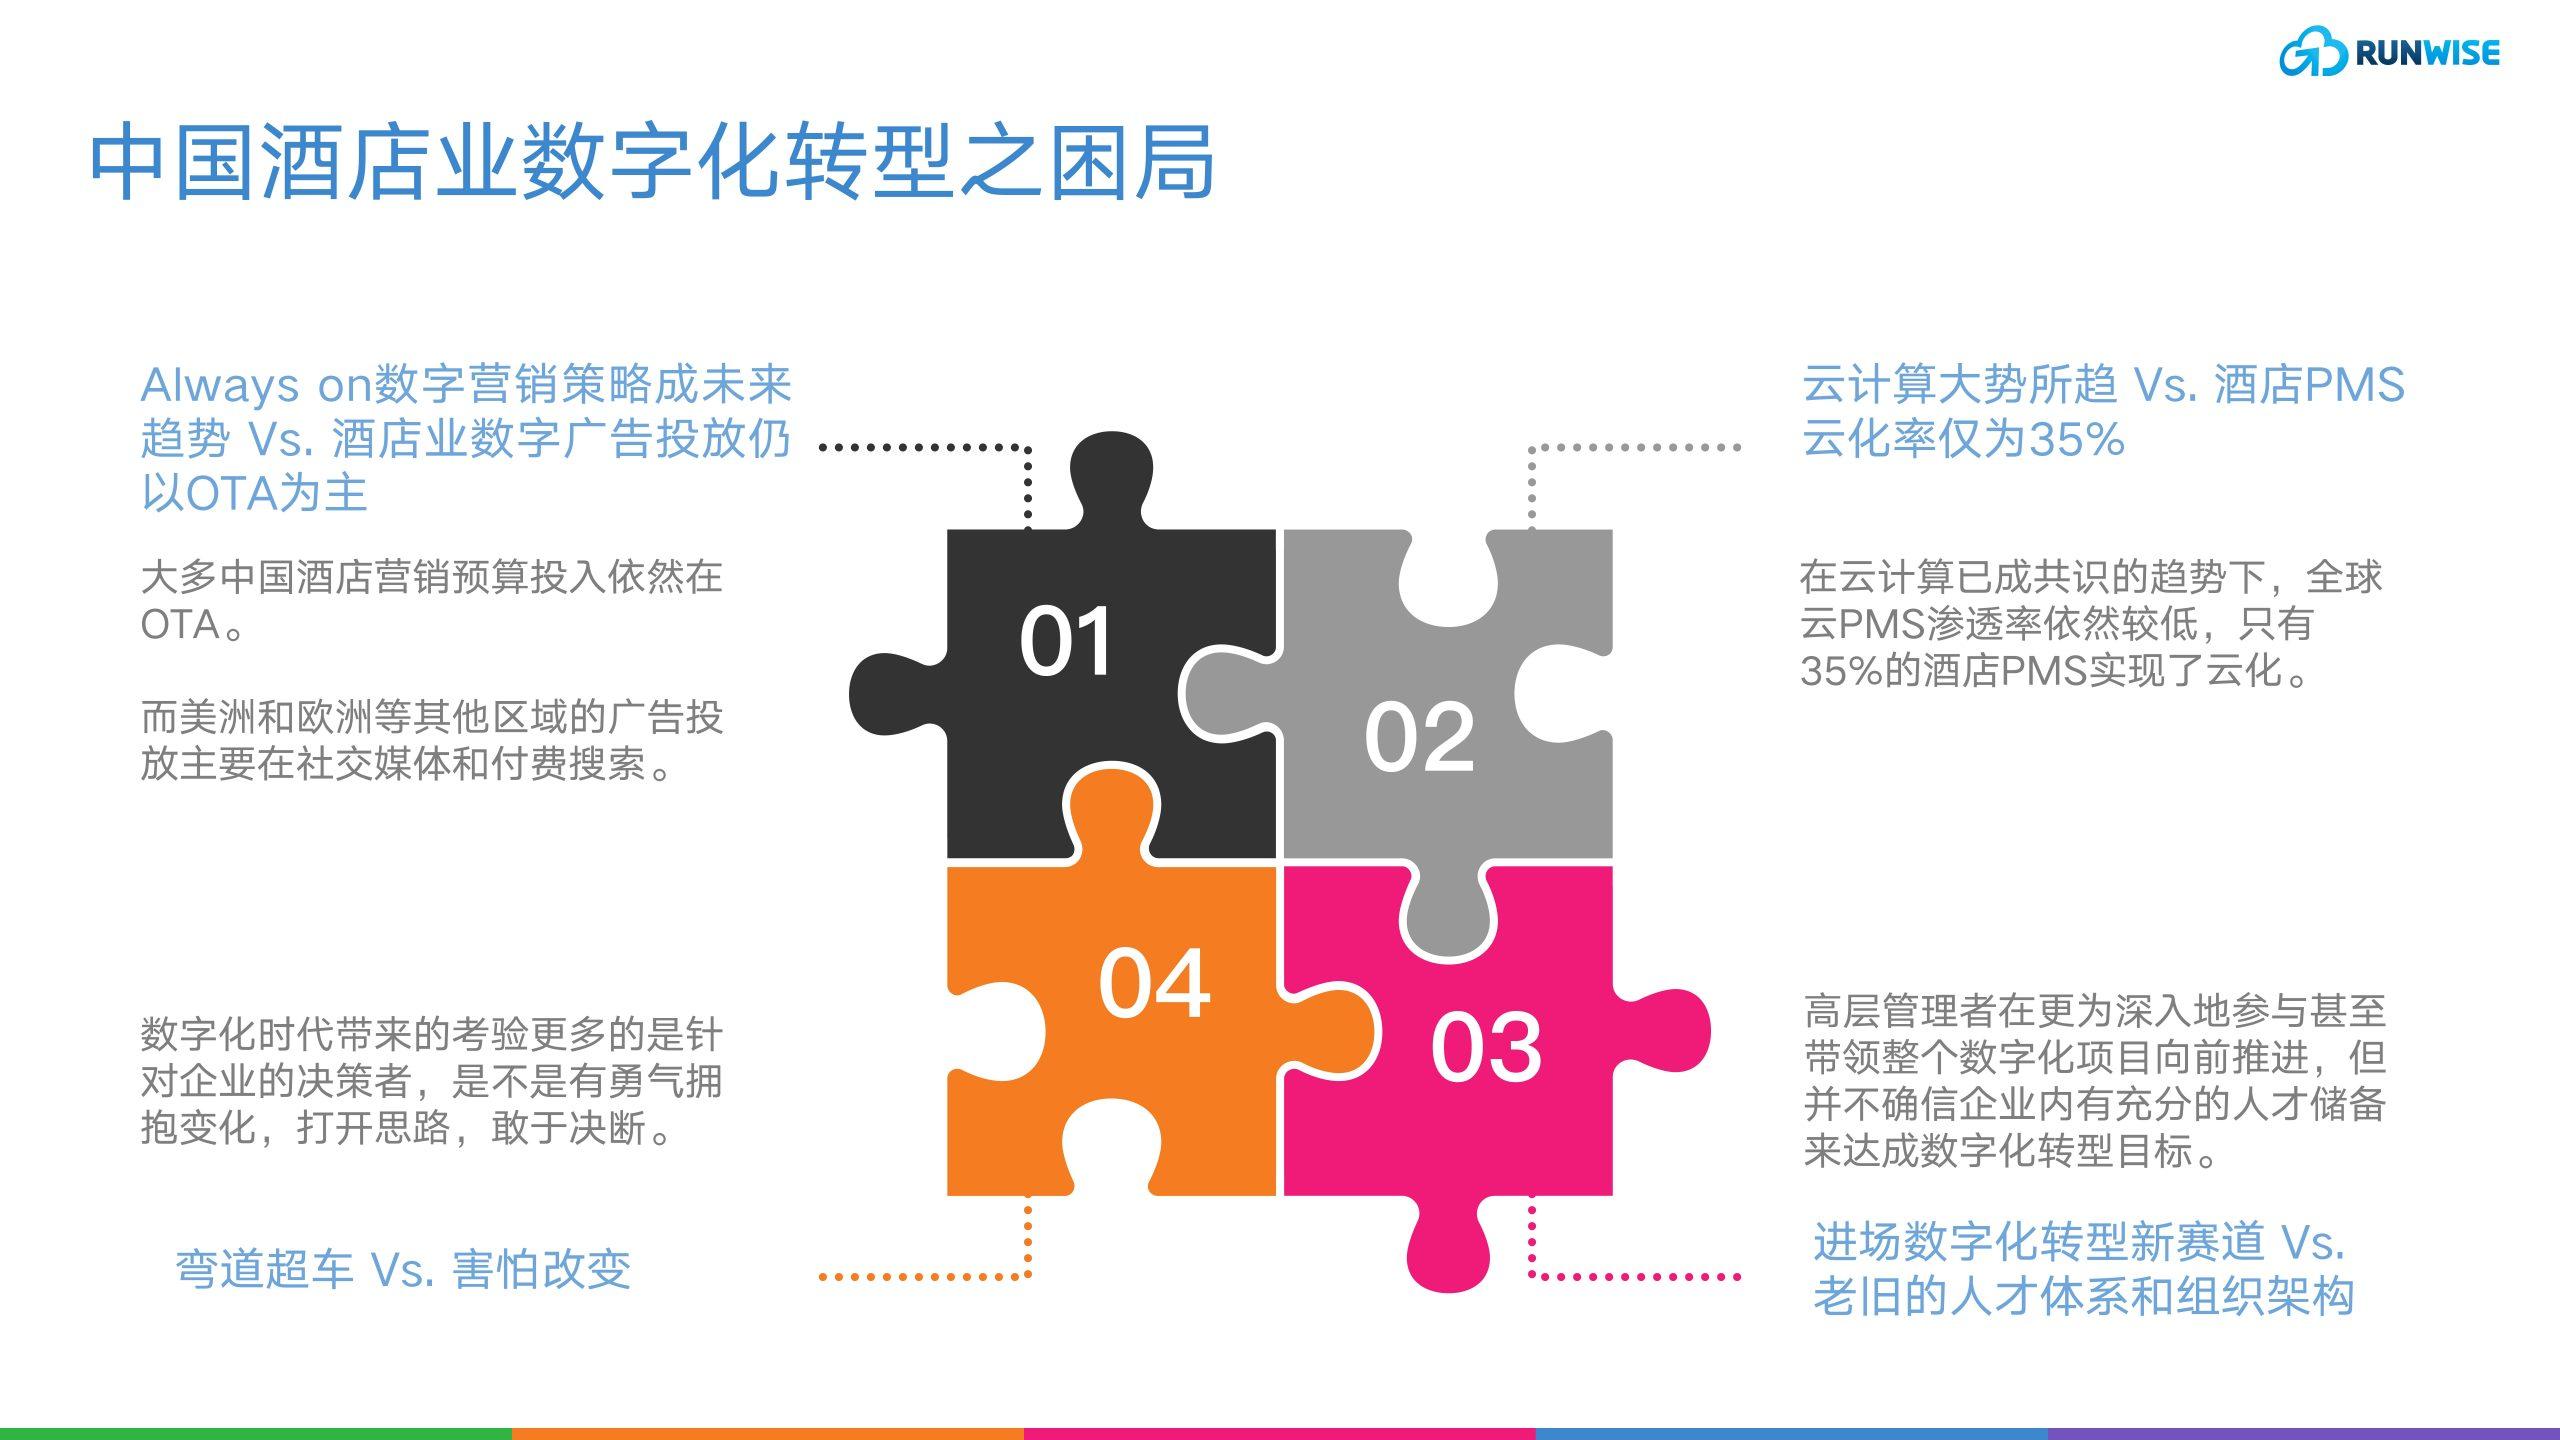 中国酒店业数字化转型困局